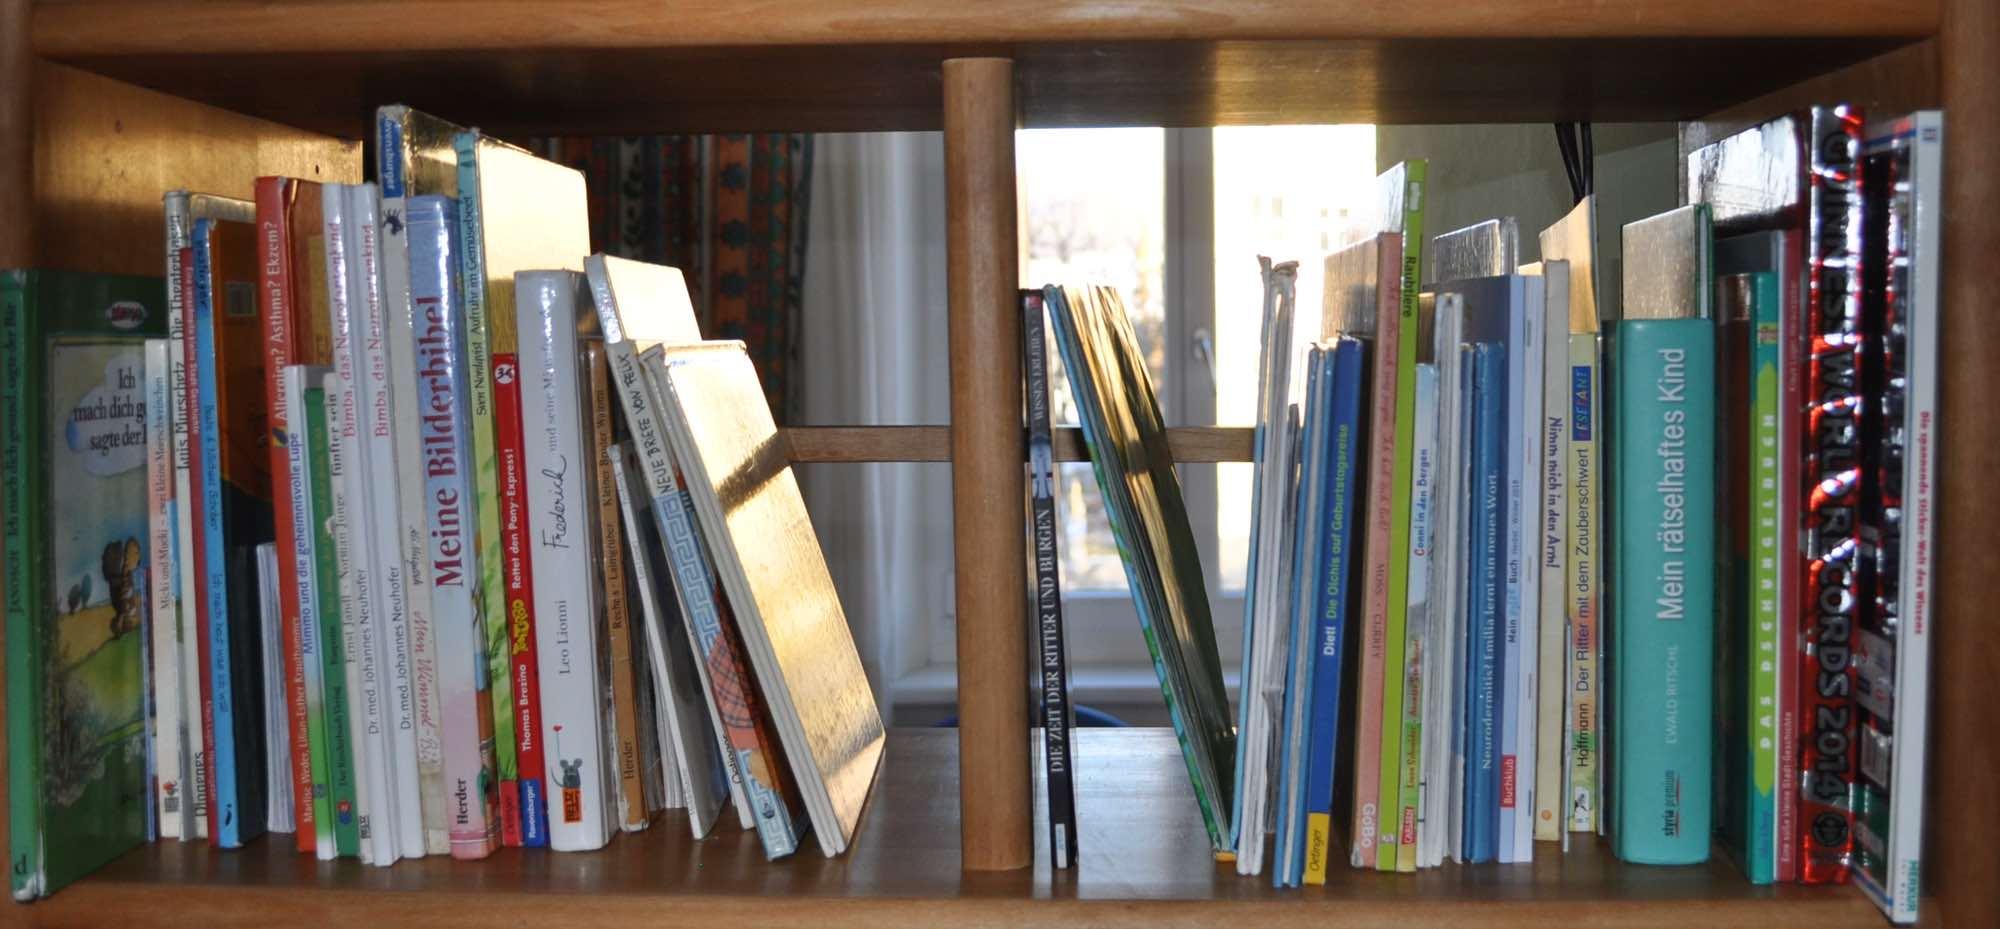 Bücherregal und der Abschnitt über unsere Leistungen